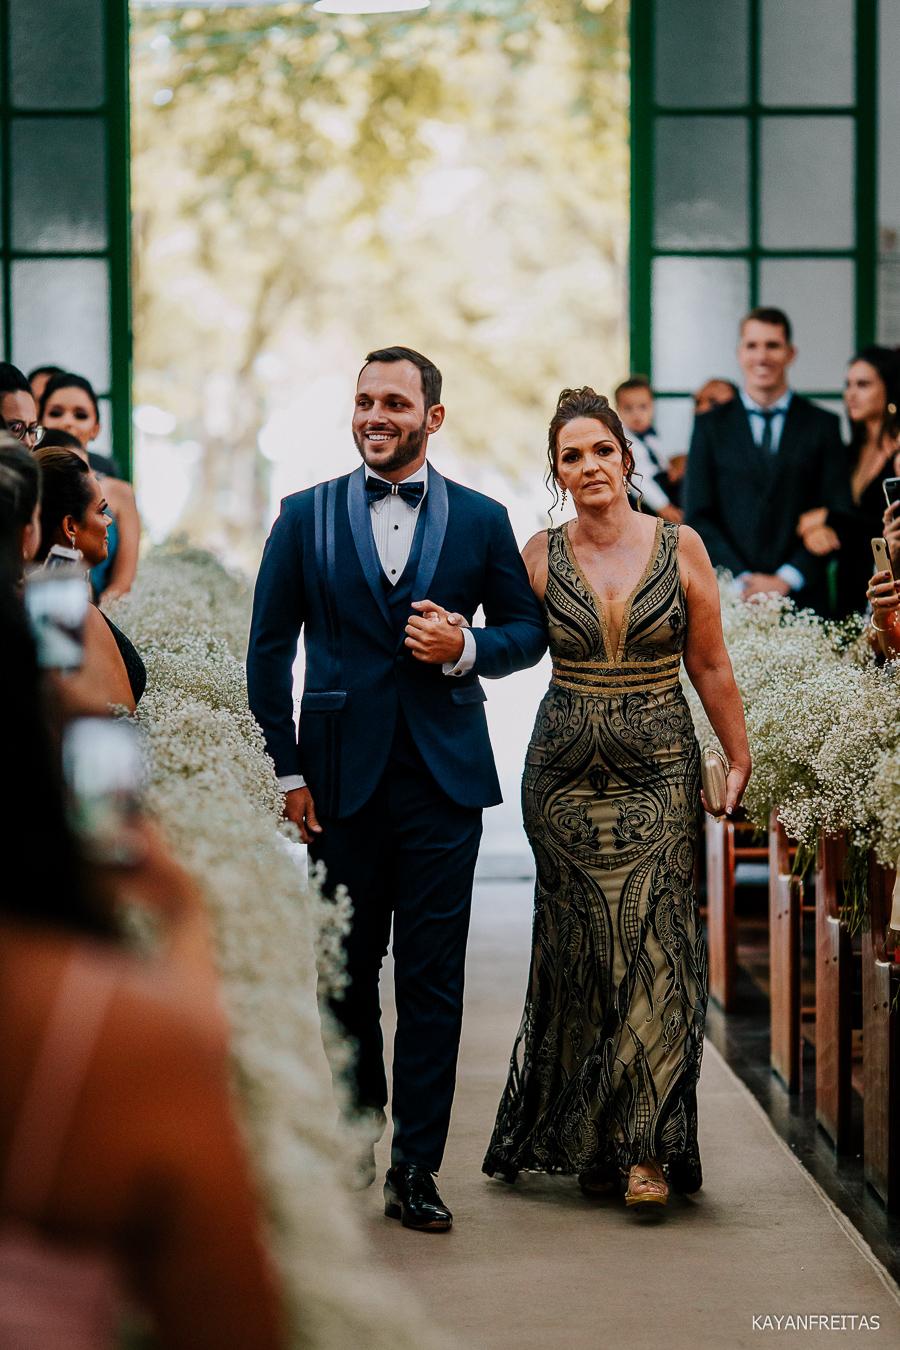 casamento-buzz-clube-palhoca-rafaeduda-0052 Casamento Duda e Rafa - Buzz Creative Club - Palhoça